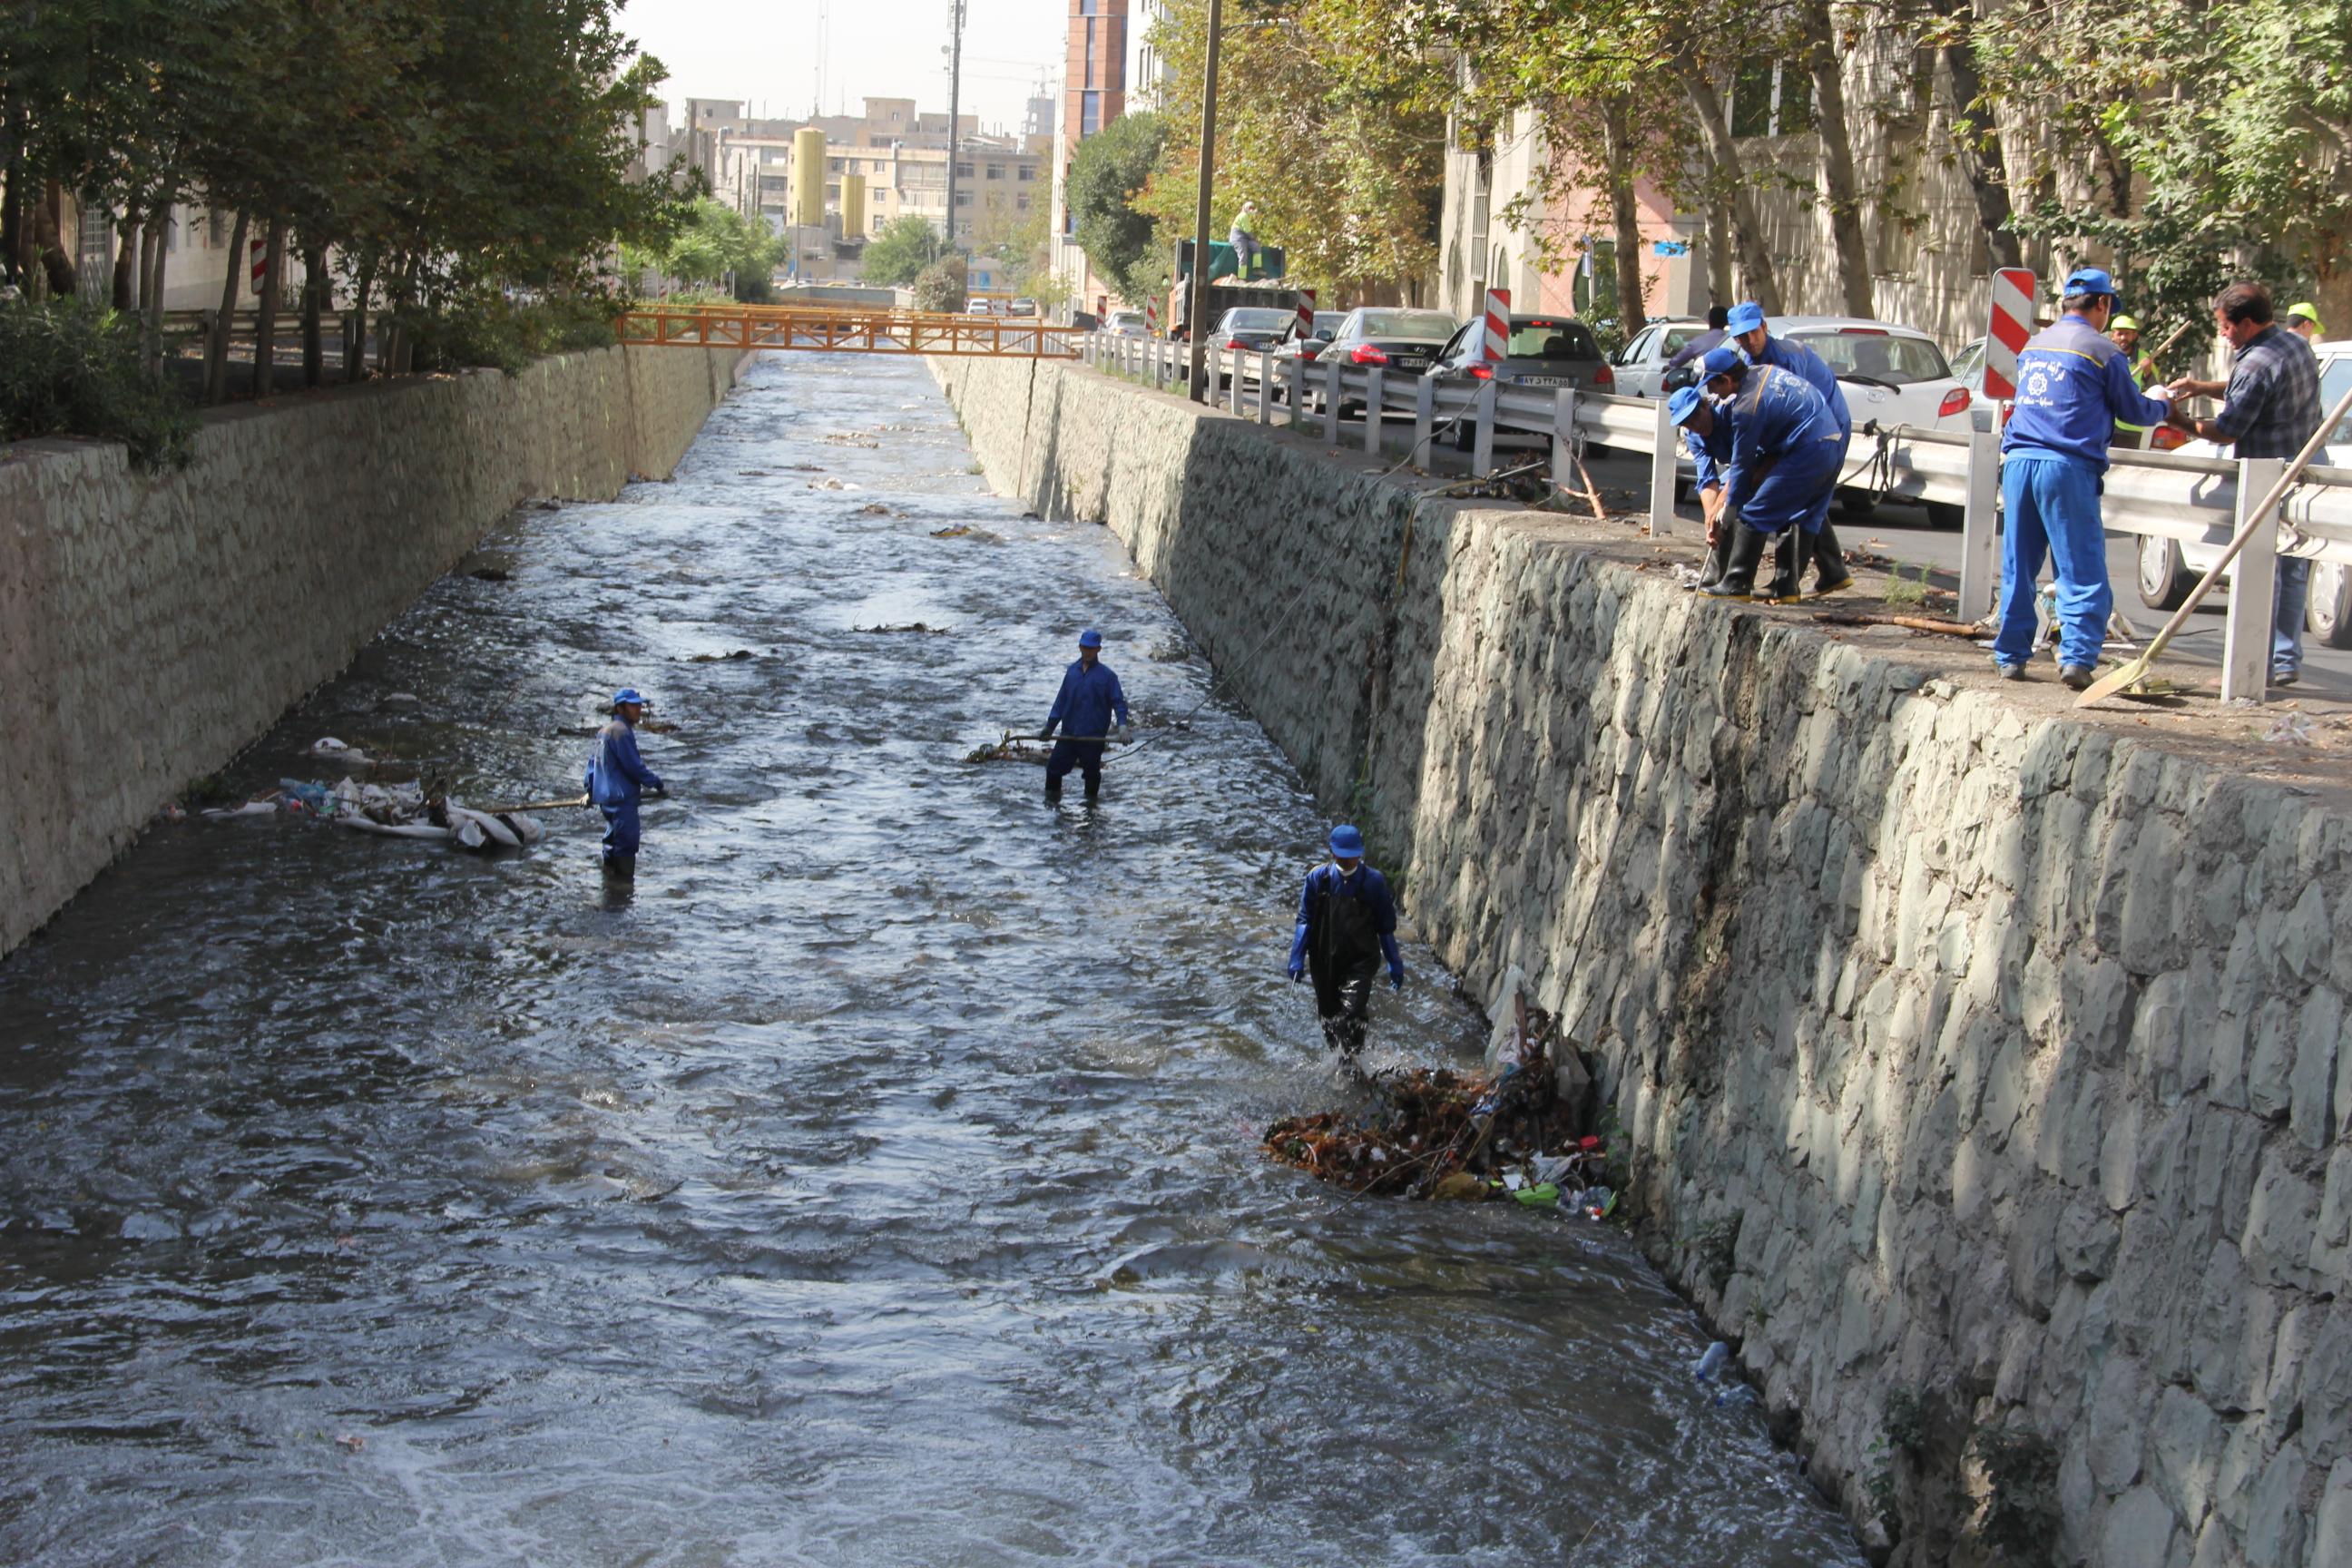 کاظمی/ طرح جمع آوری آبهای سطحی در مناطق ۵، ۲۱ و ۲۲ تکمیل نیست